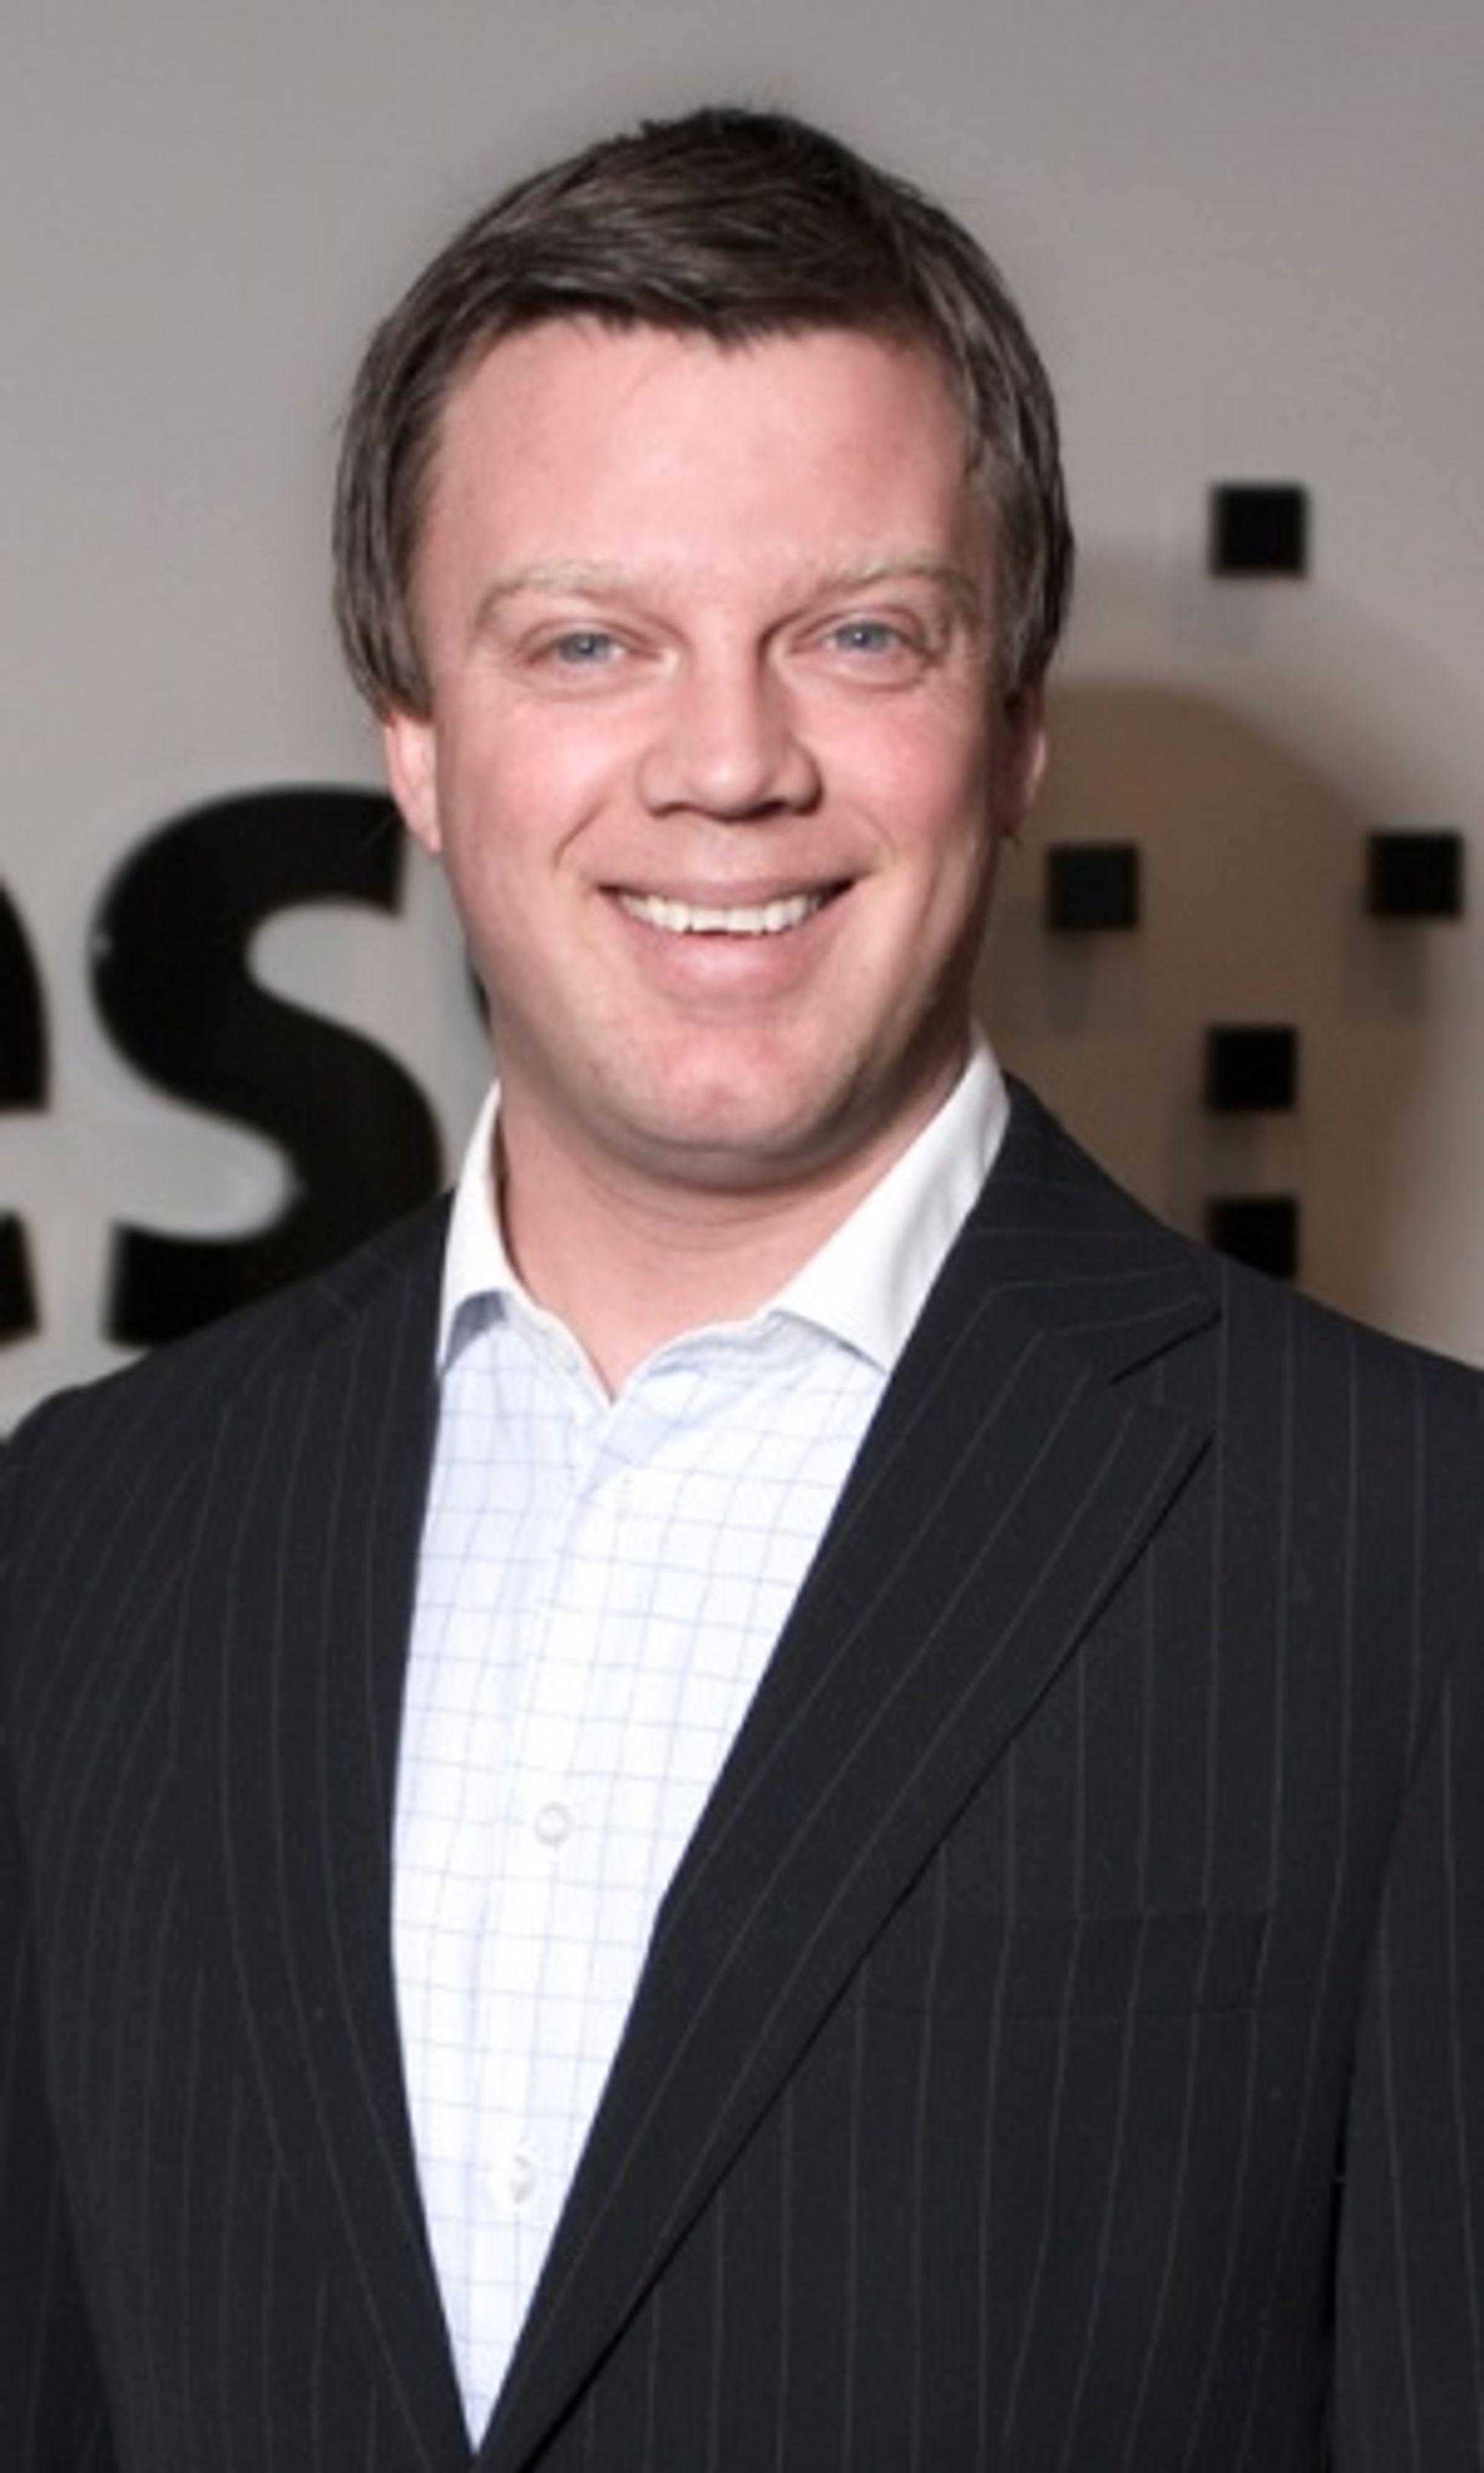 Markedsdirektør Jarle Alvær i Chess forteller selskapet opplevde suksess med de to telefonene som ble lansert som Chess-mobiler i 2008.